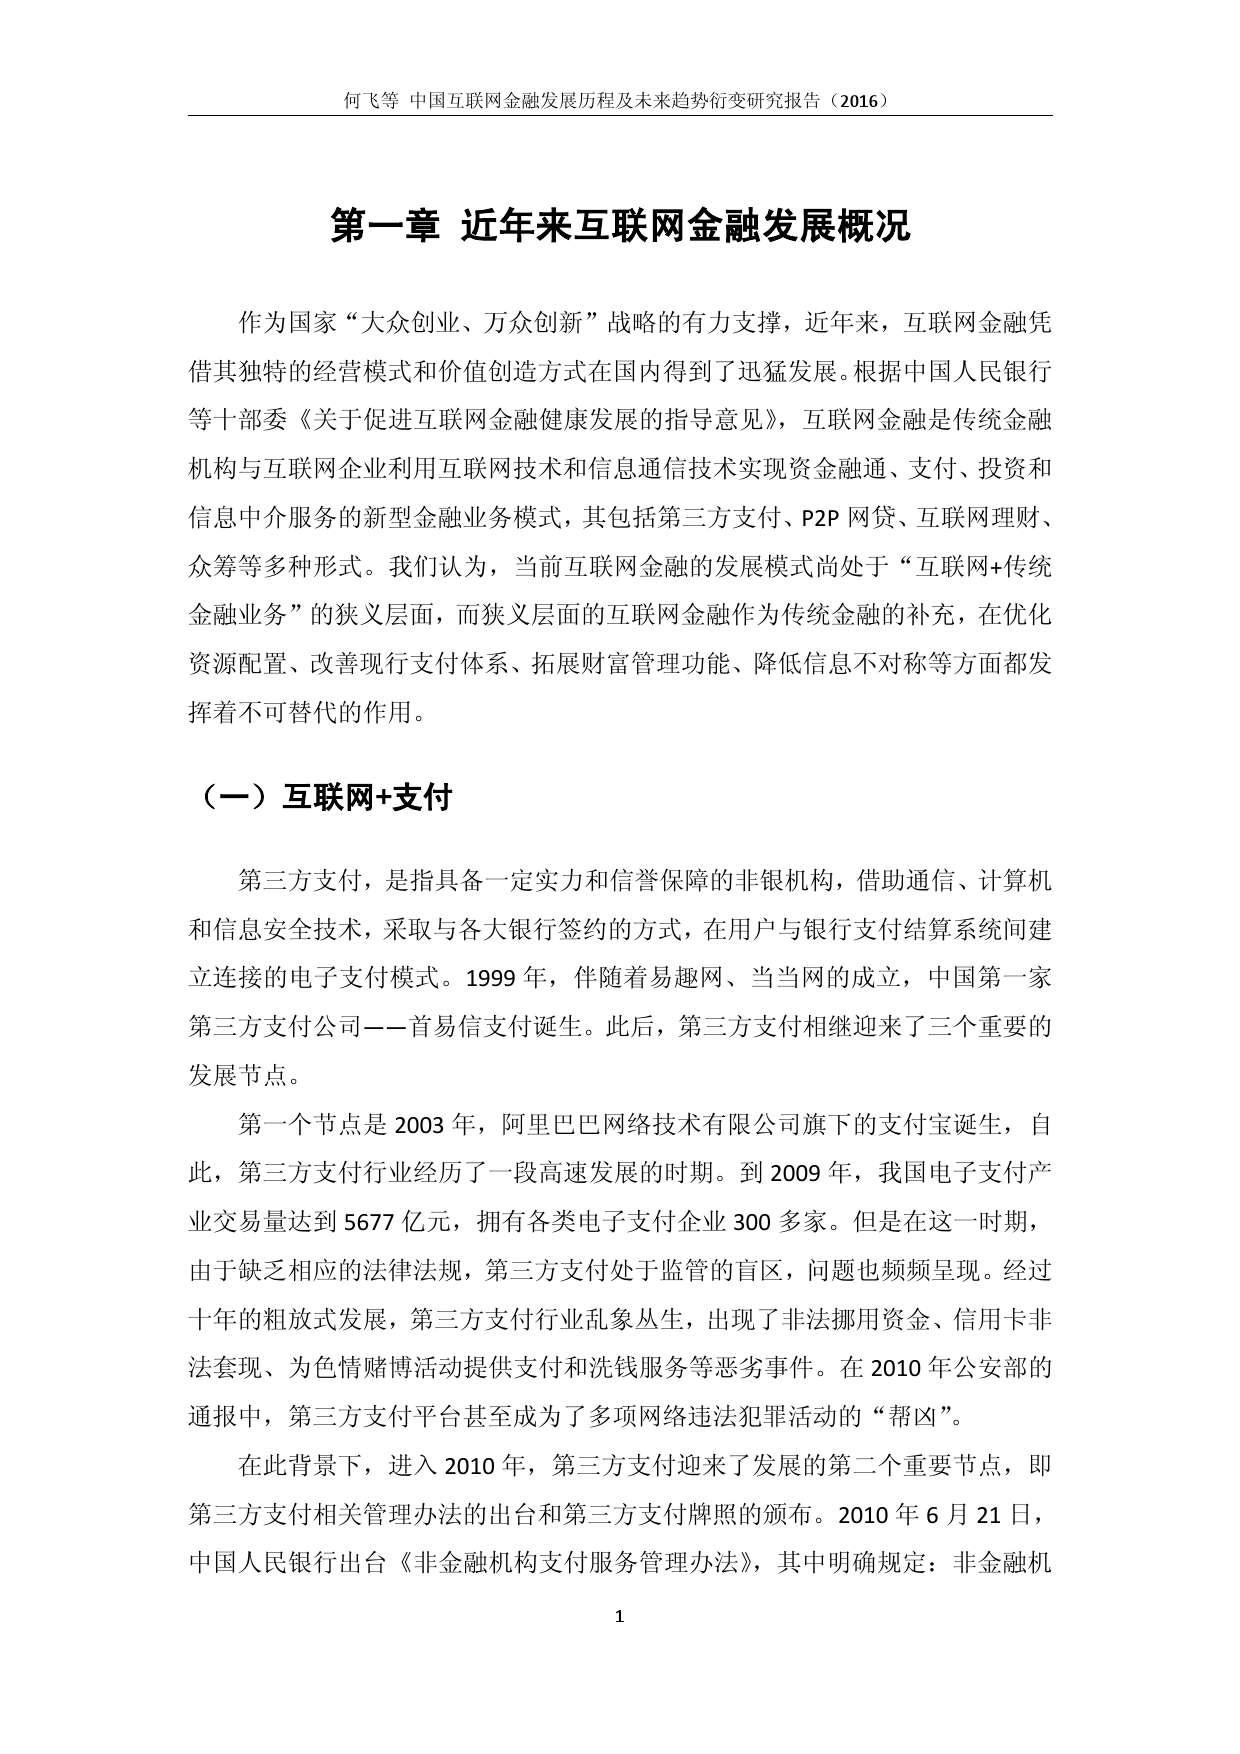 中国互联网金融发展历程及未来趋势衍变研究报告(2016)_000006